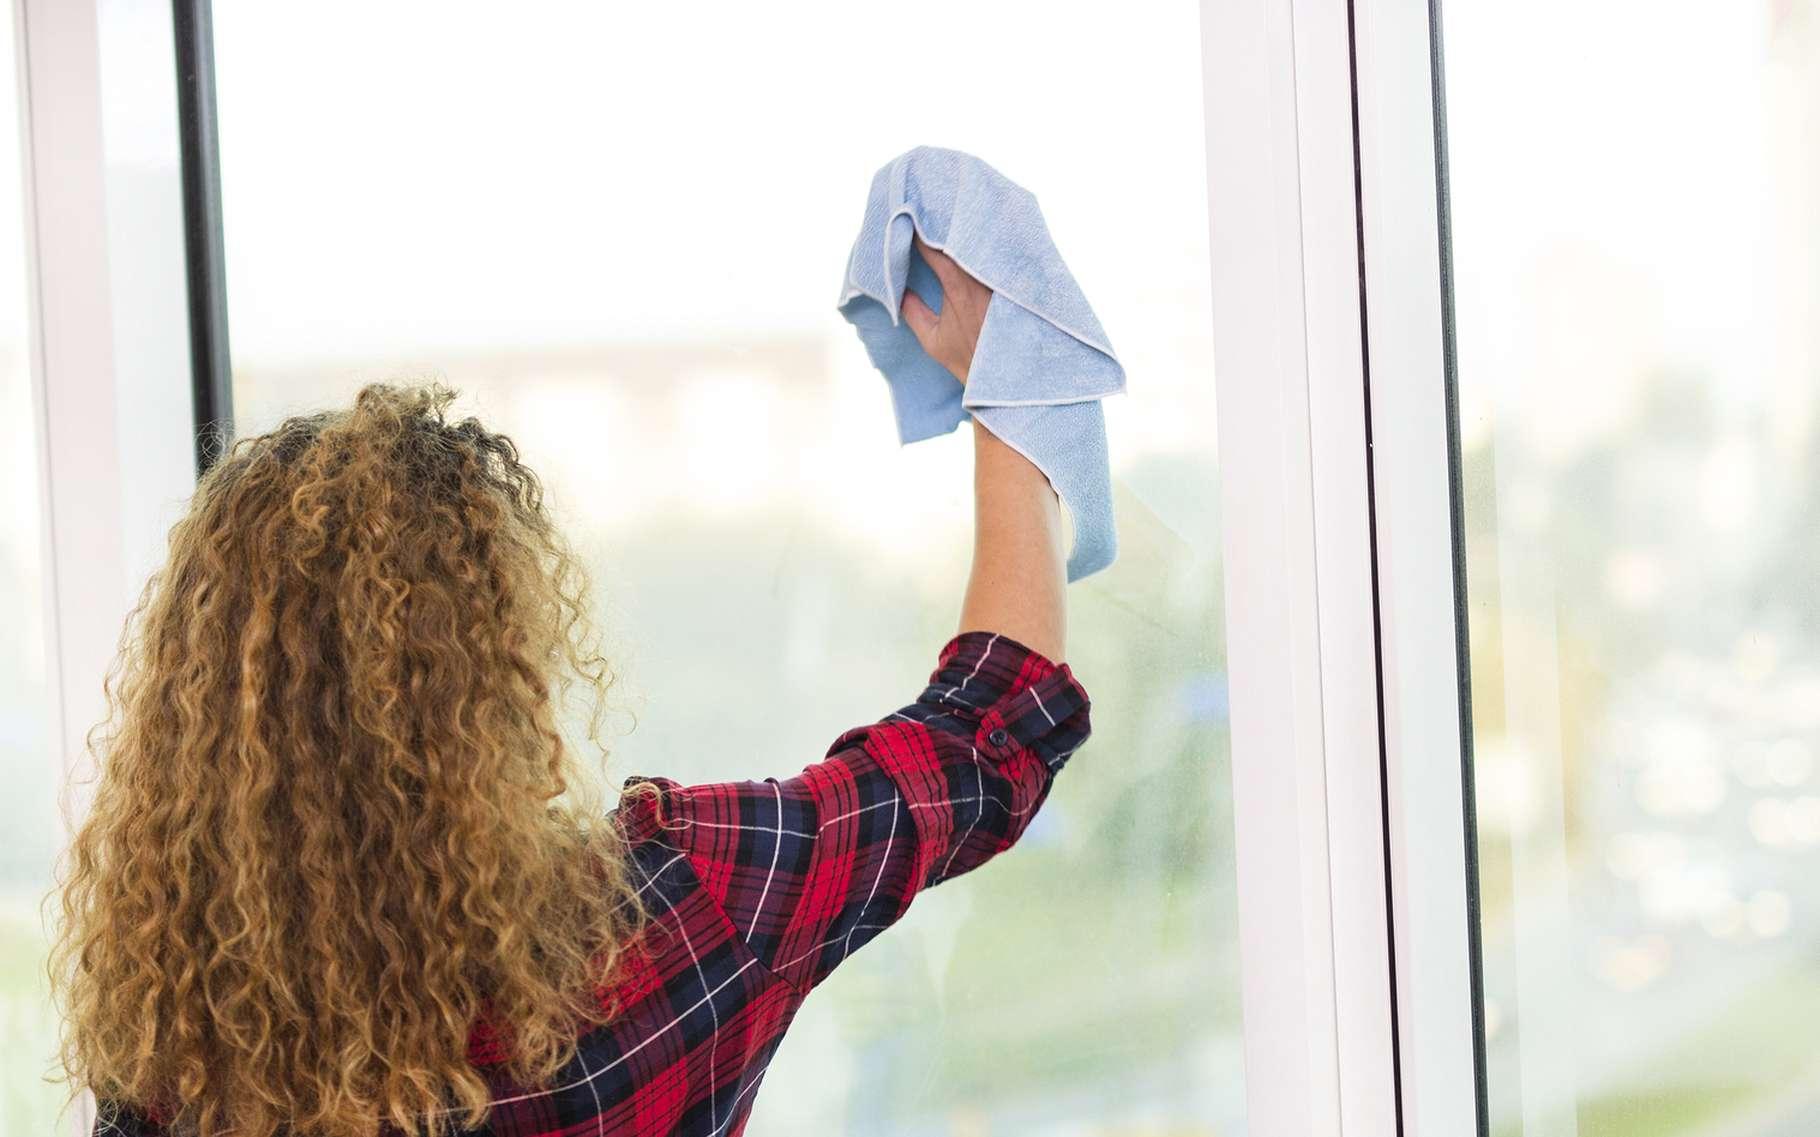 Le nettoyage d'une fenêtre PVC nécessite quelques précautions. © The One Studio, Shutterstock